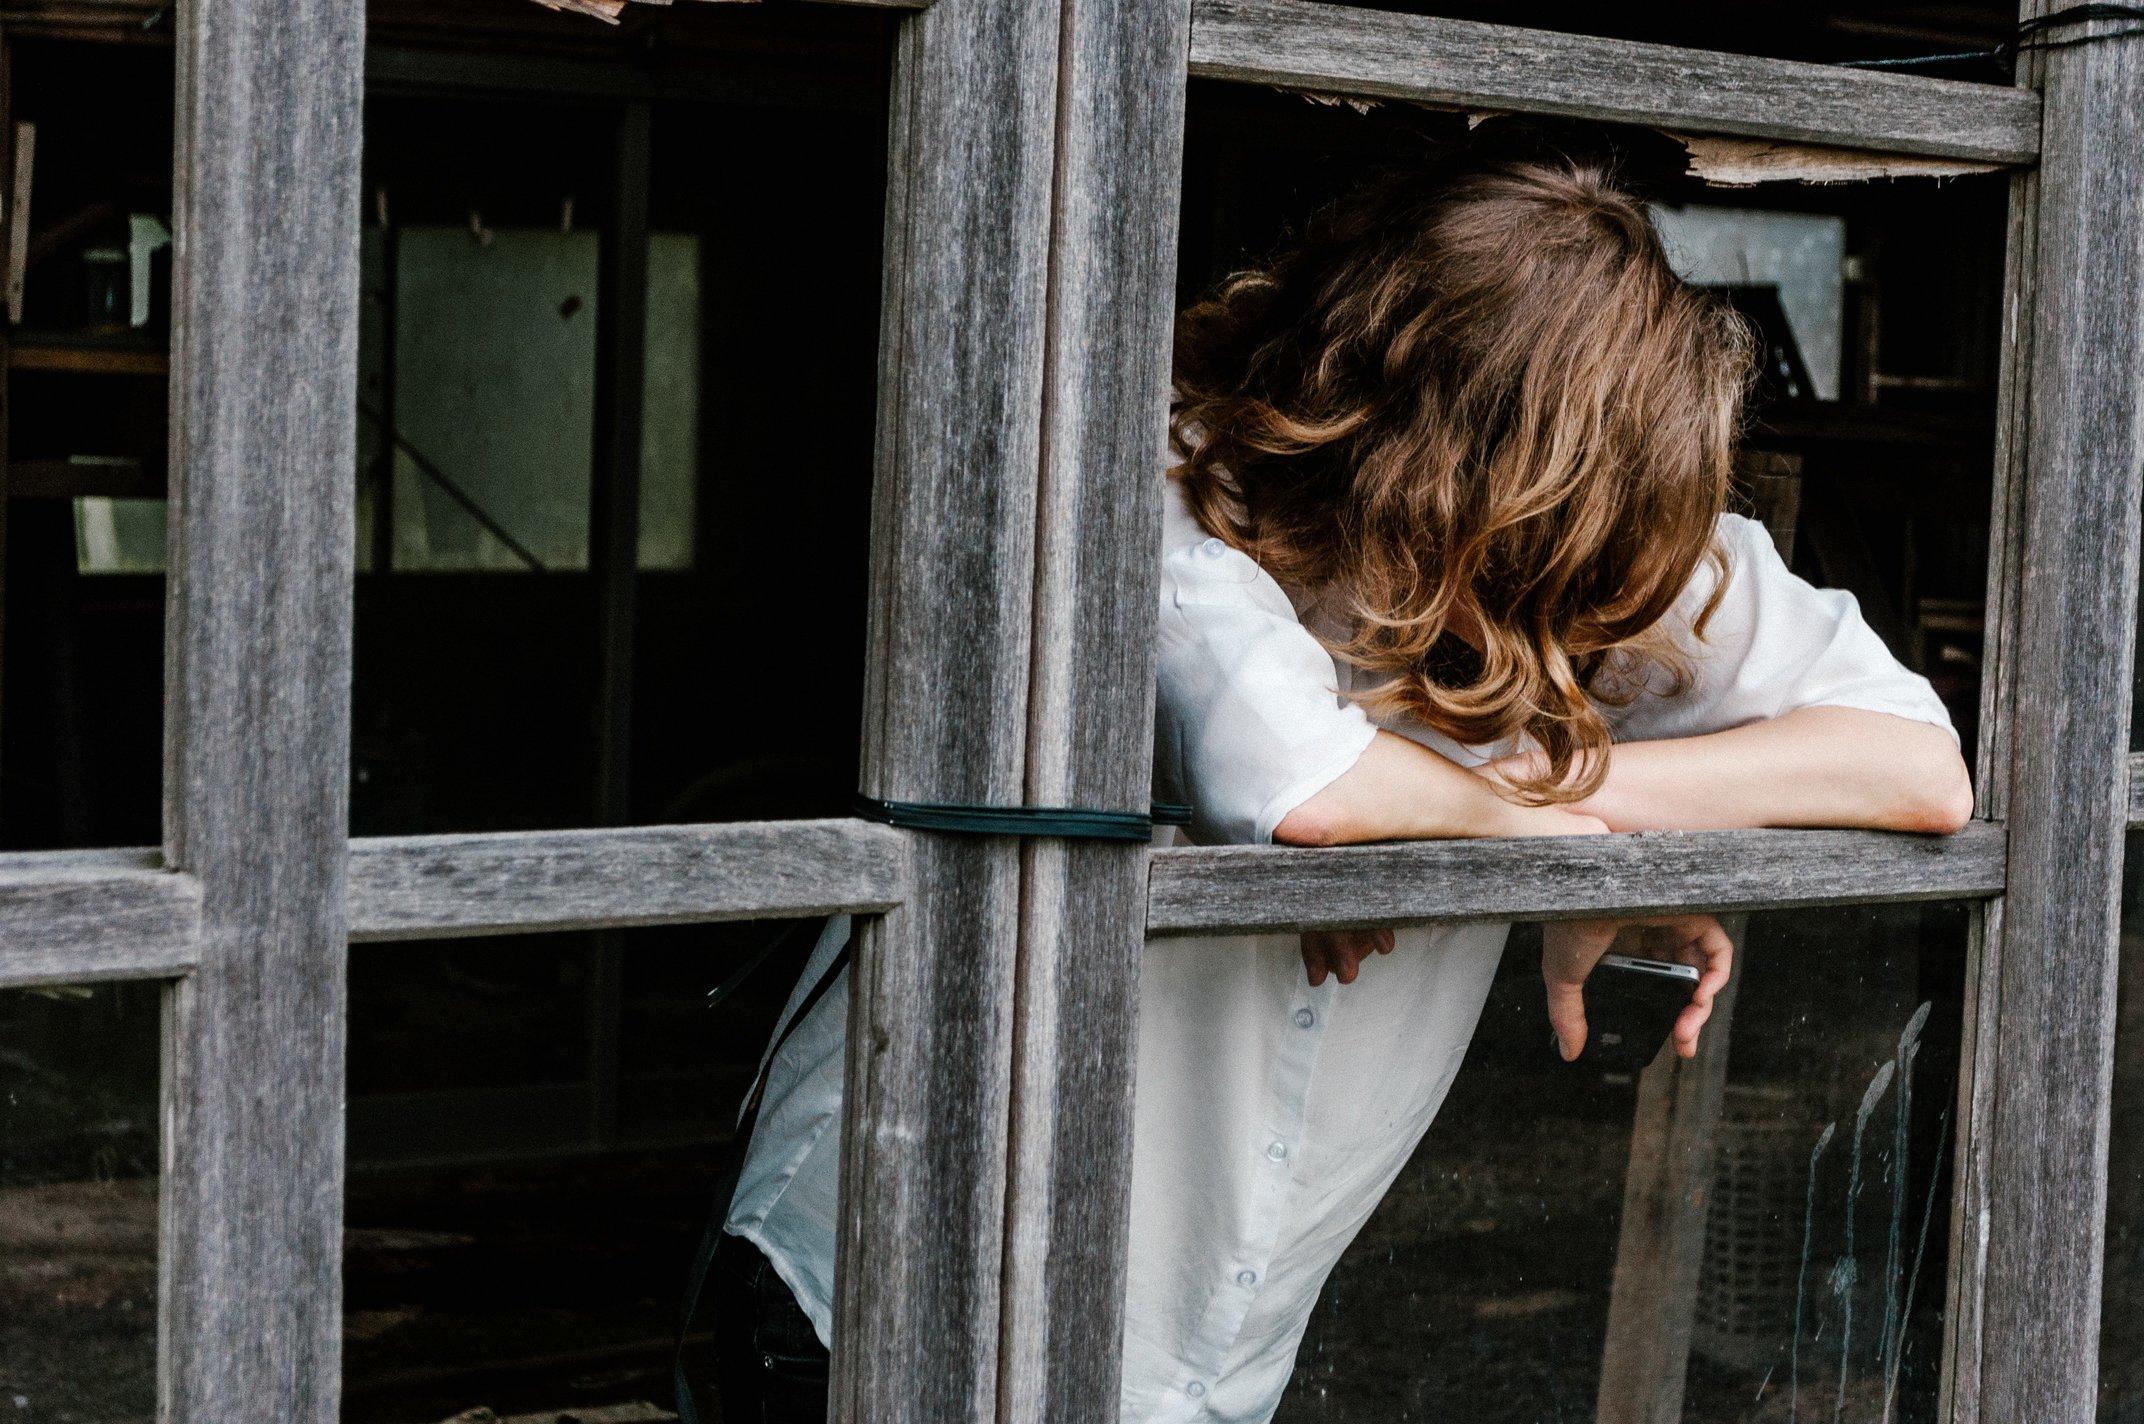 איך מתמודדים עם לחץ וחרדות בתקופת משבר?